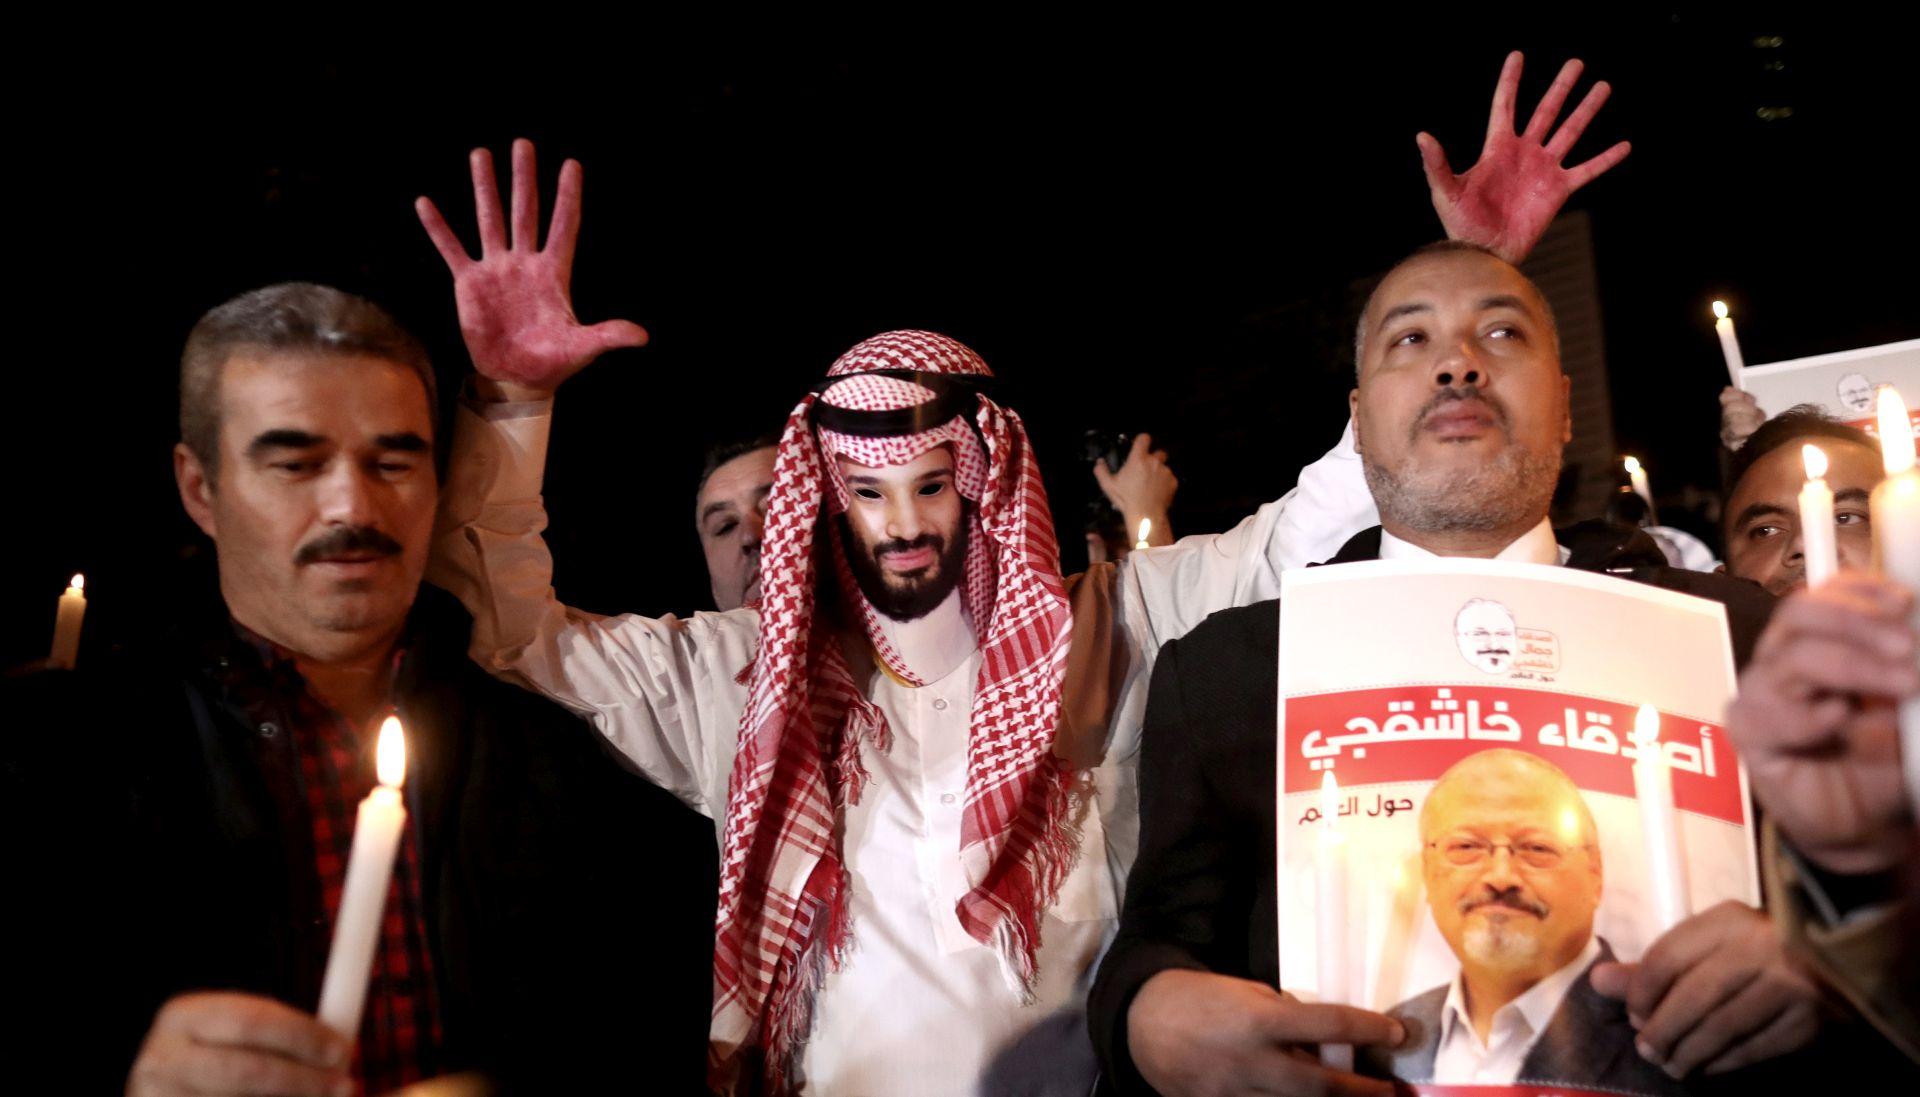 Sinu raskomadanog Khashoggija dopušten izlazak iz SA